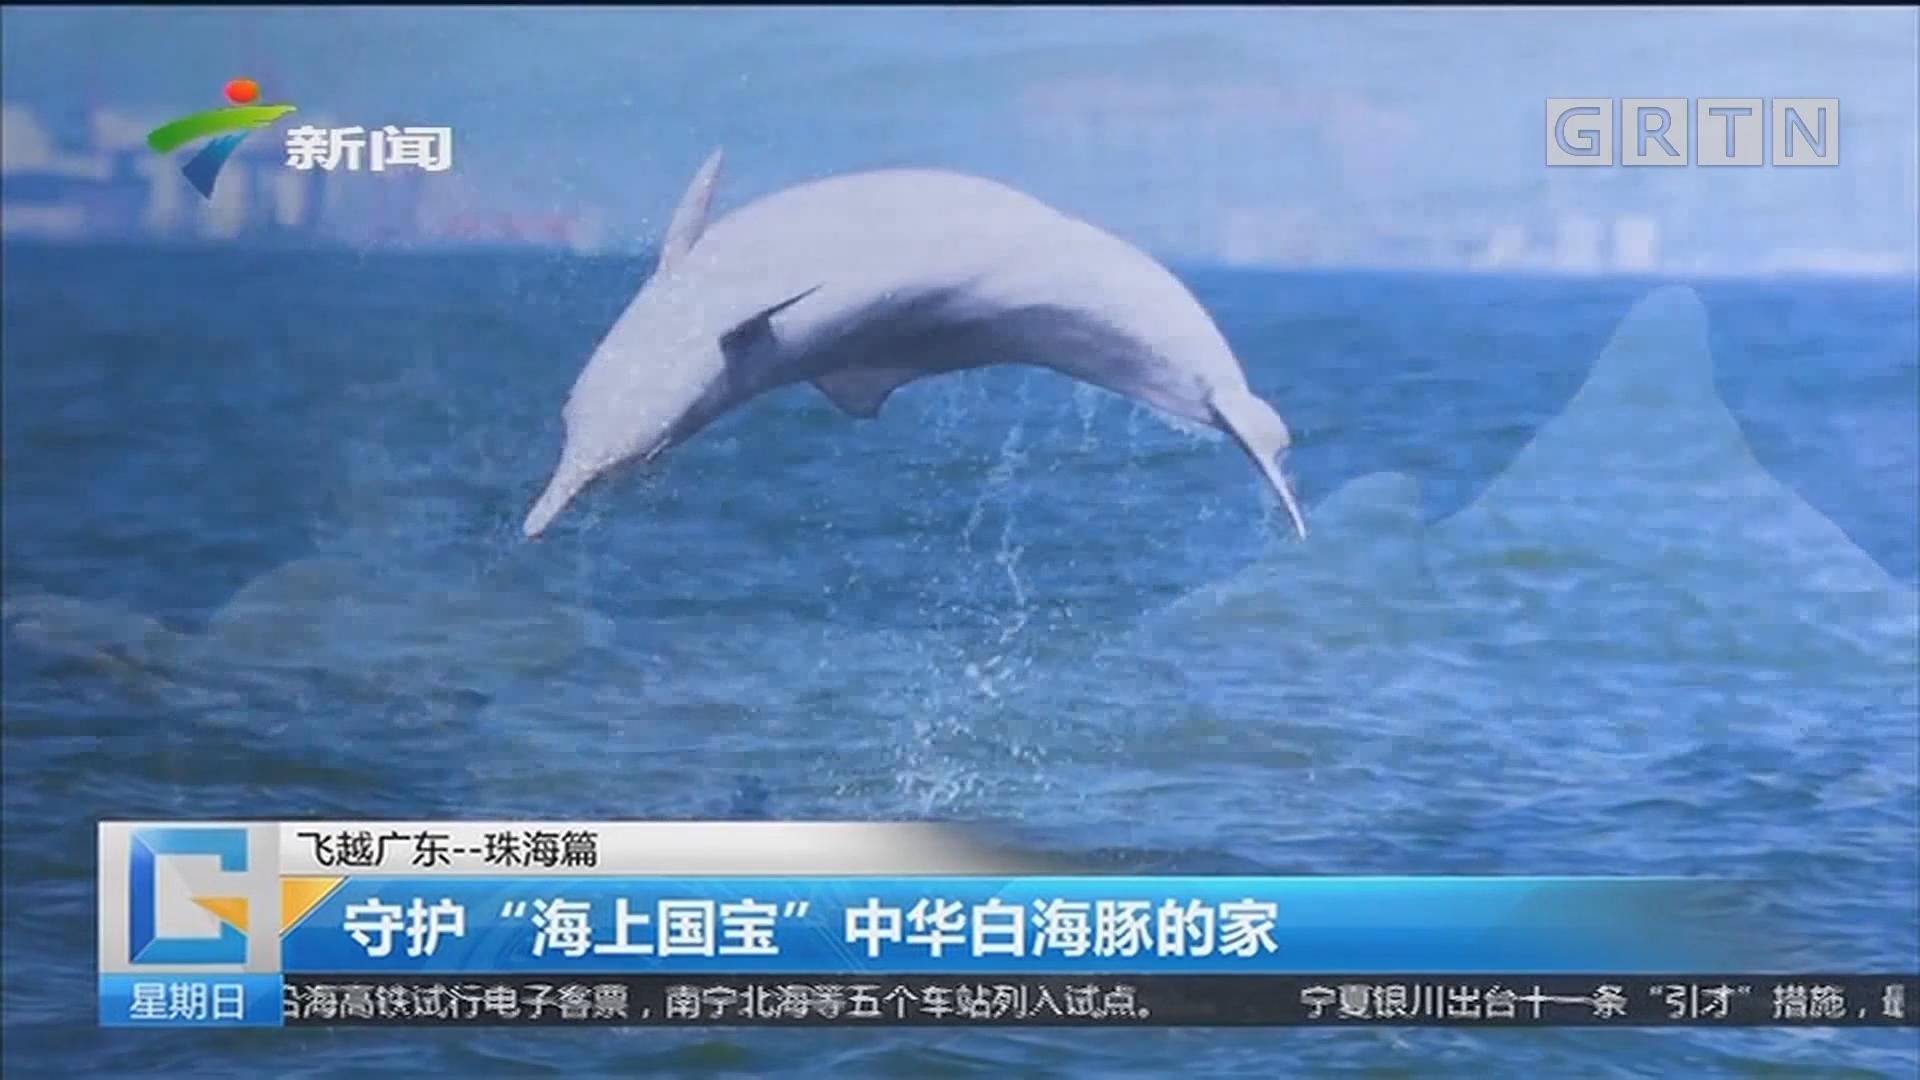 """飞越manbetx手机版 - 登陆——珠海篇 守护""""海上国宝""""中华白海豚的家"""